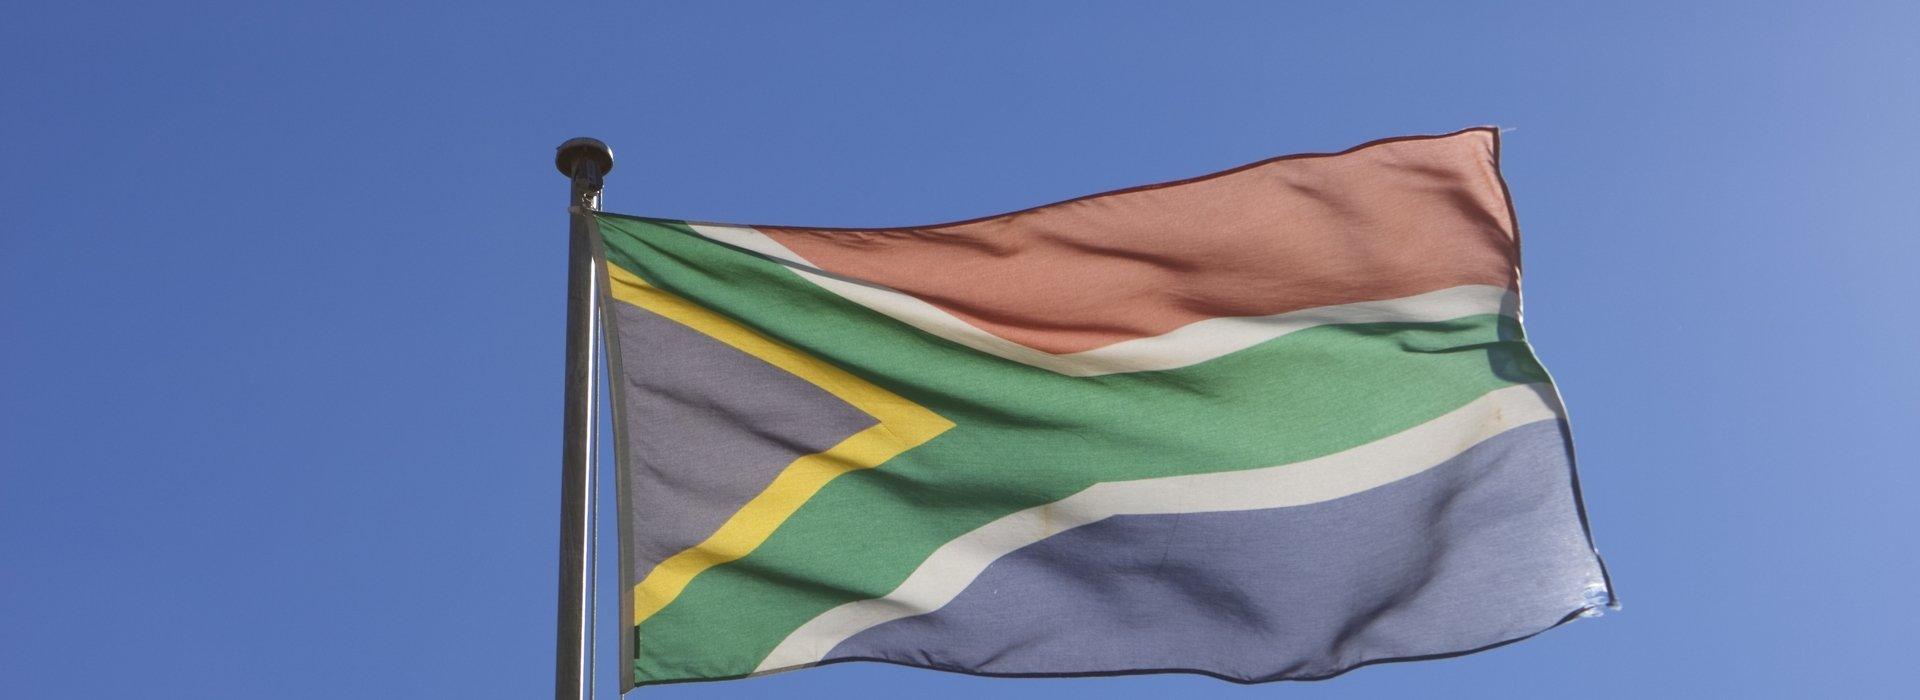 Botschaften der afrikanischen Länder in Budapest – Budapest Botschaft Guide